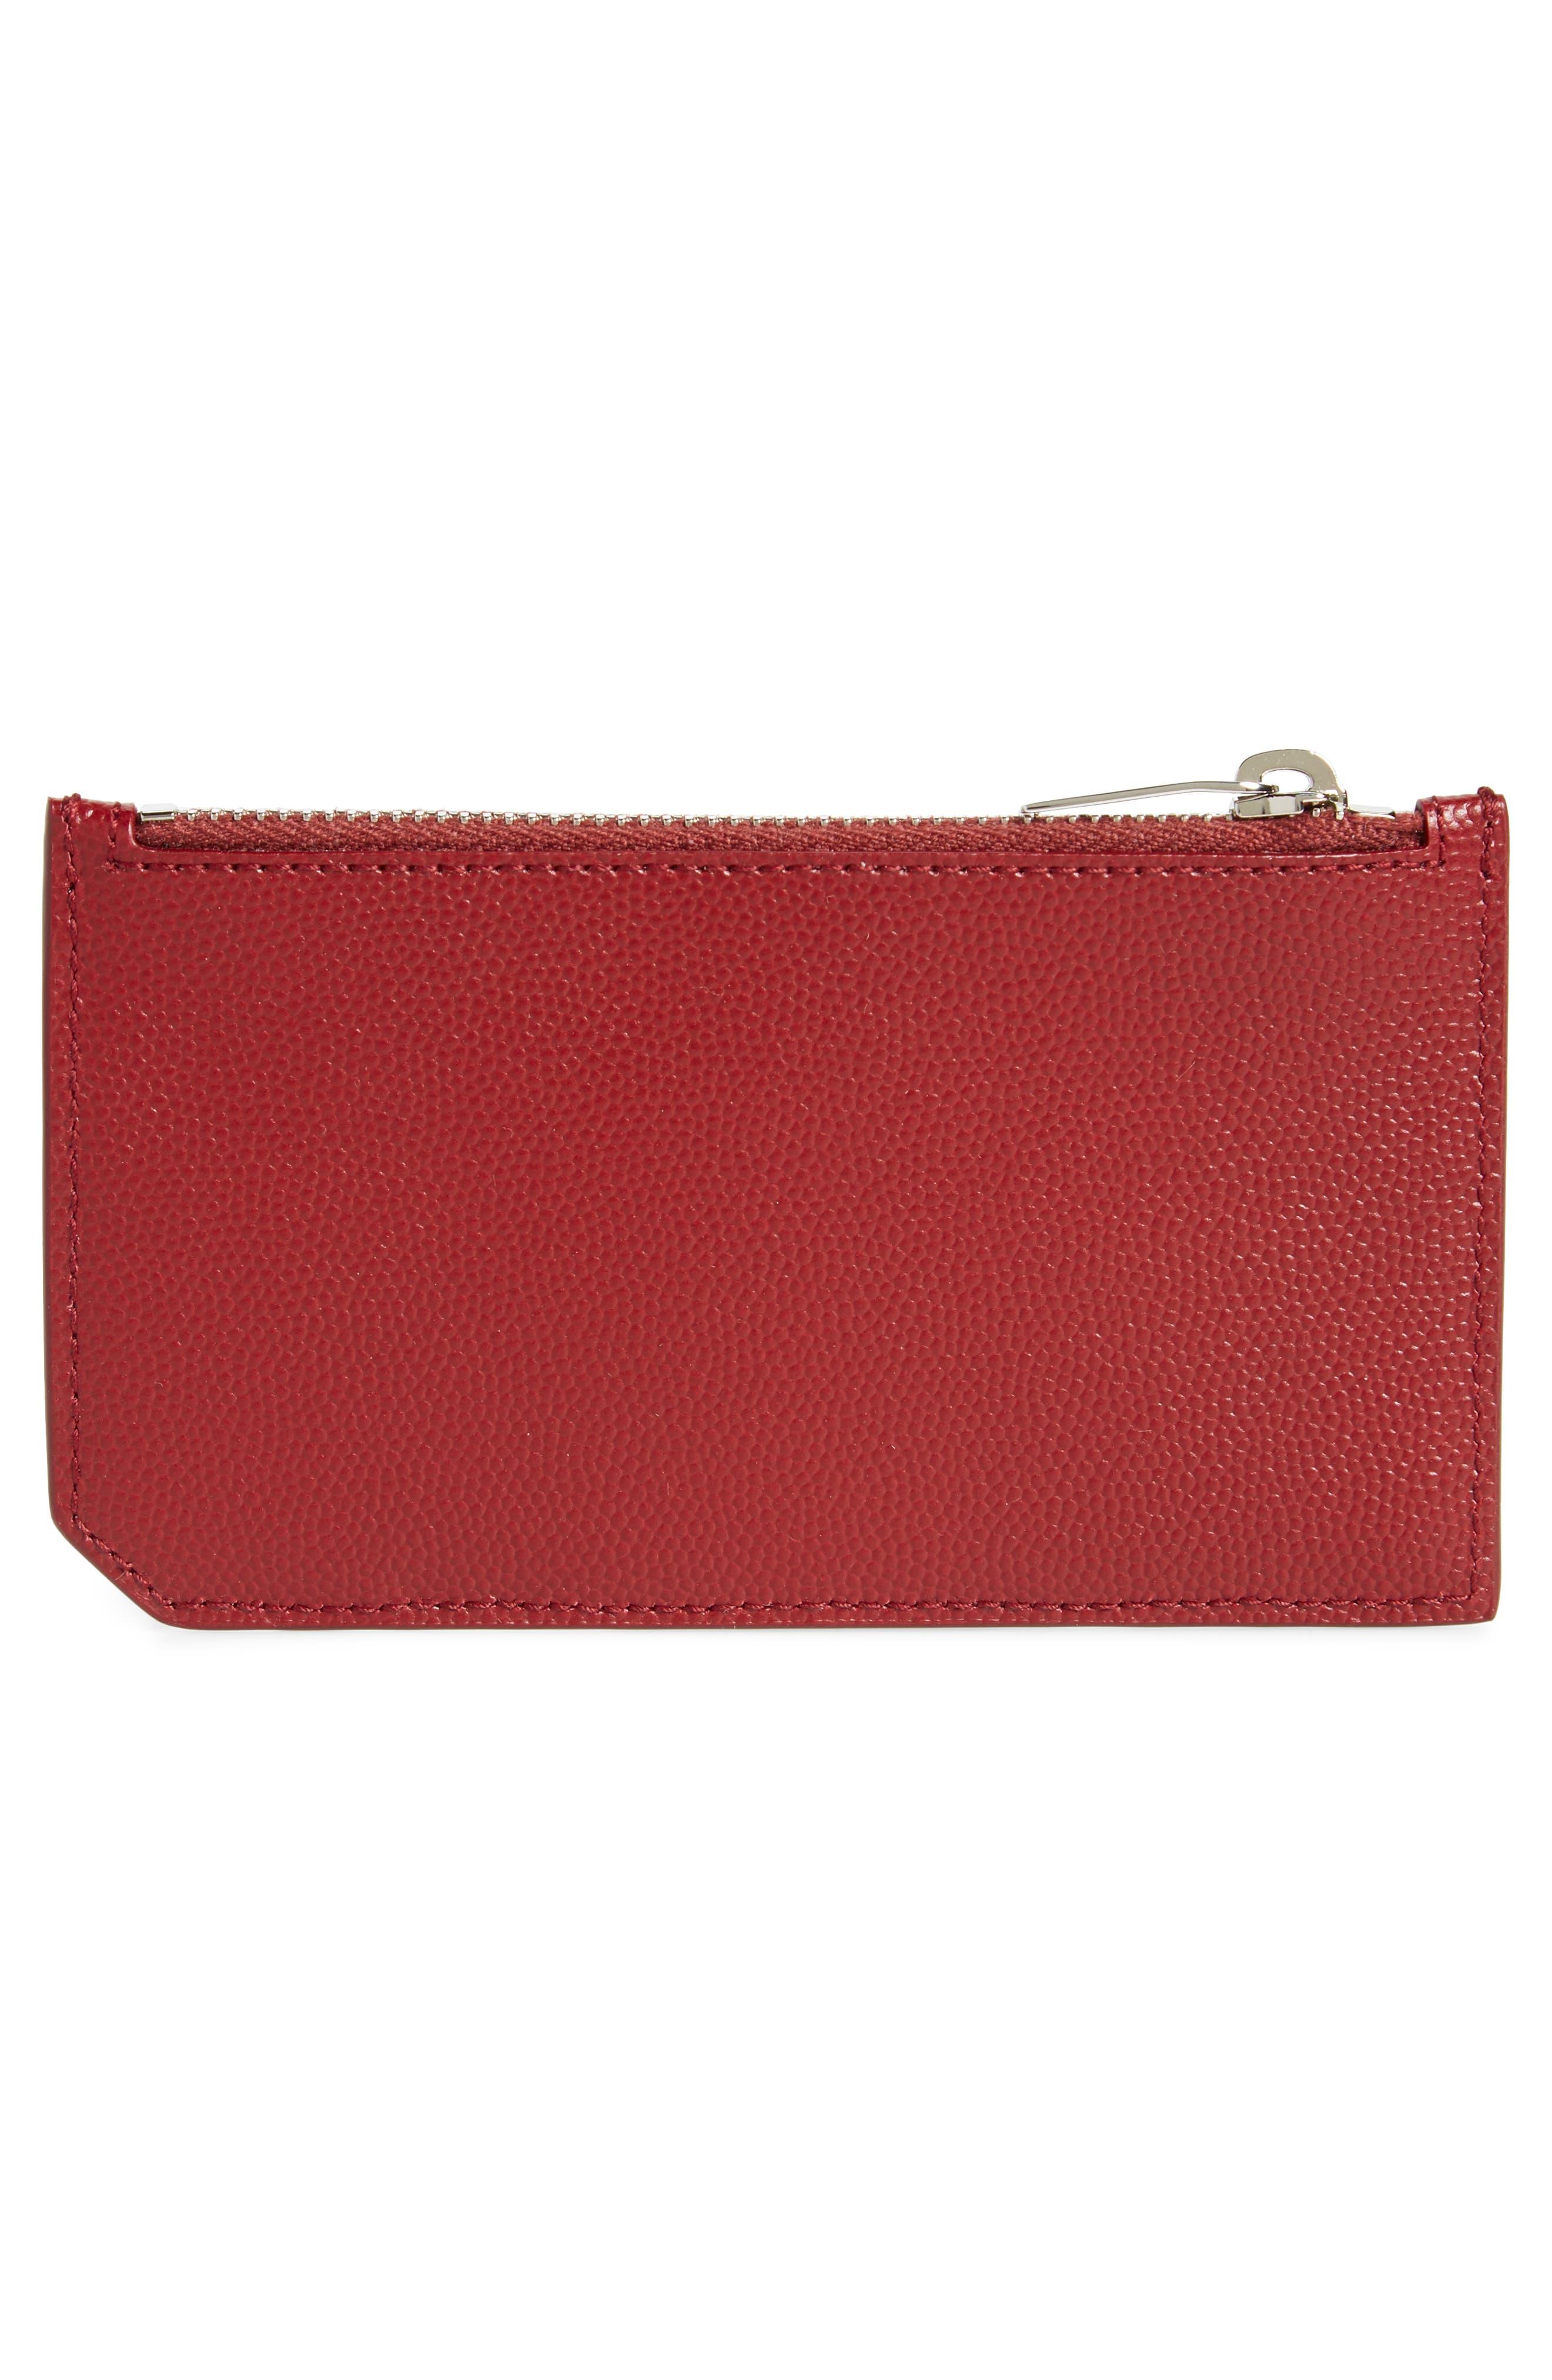 Pebble Grain Leather Zip Wallet,                             Alternate thumbnail 4, color,